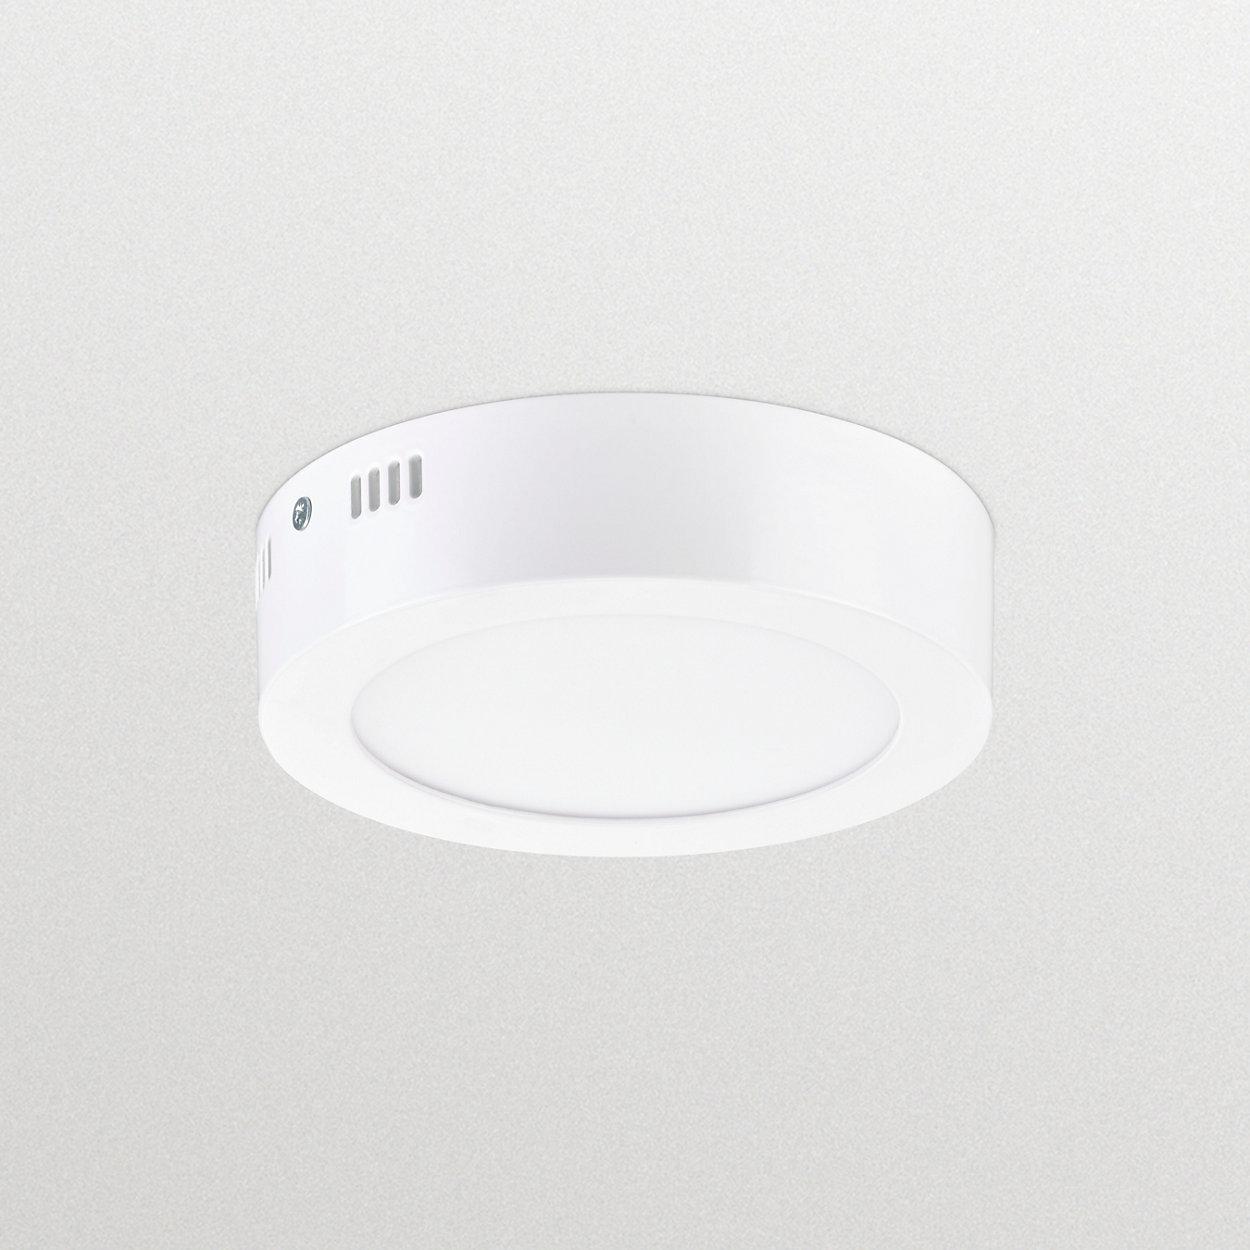 CoreLine SlimDownlight - Oczywisty wybór w przypadku technologii LED